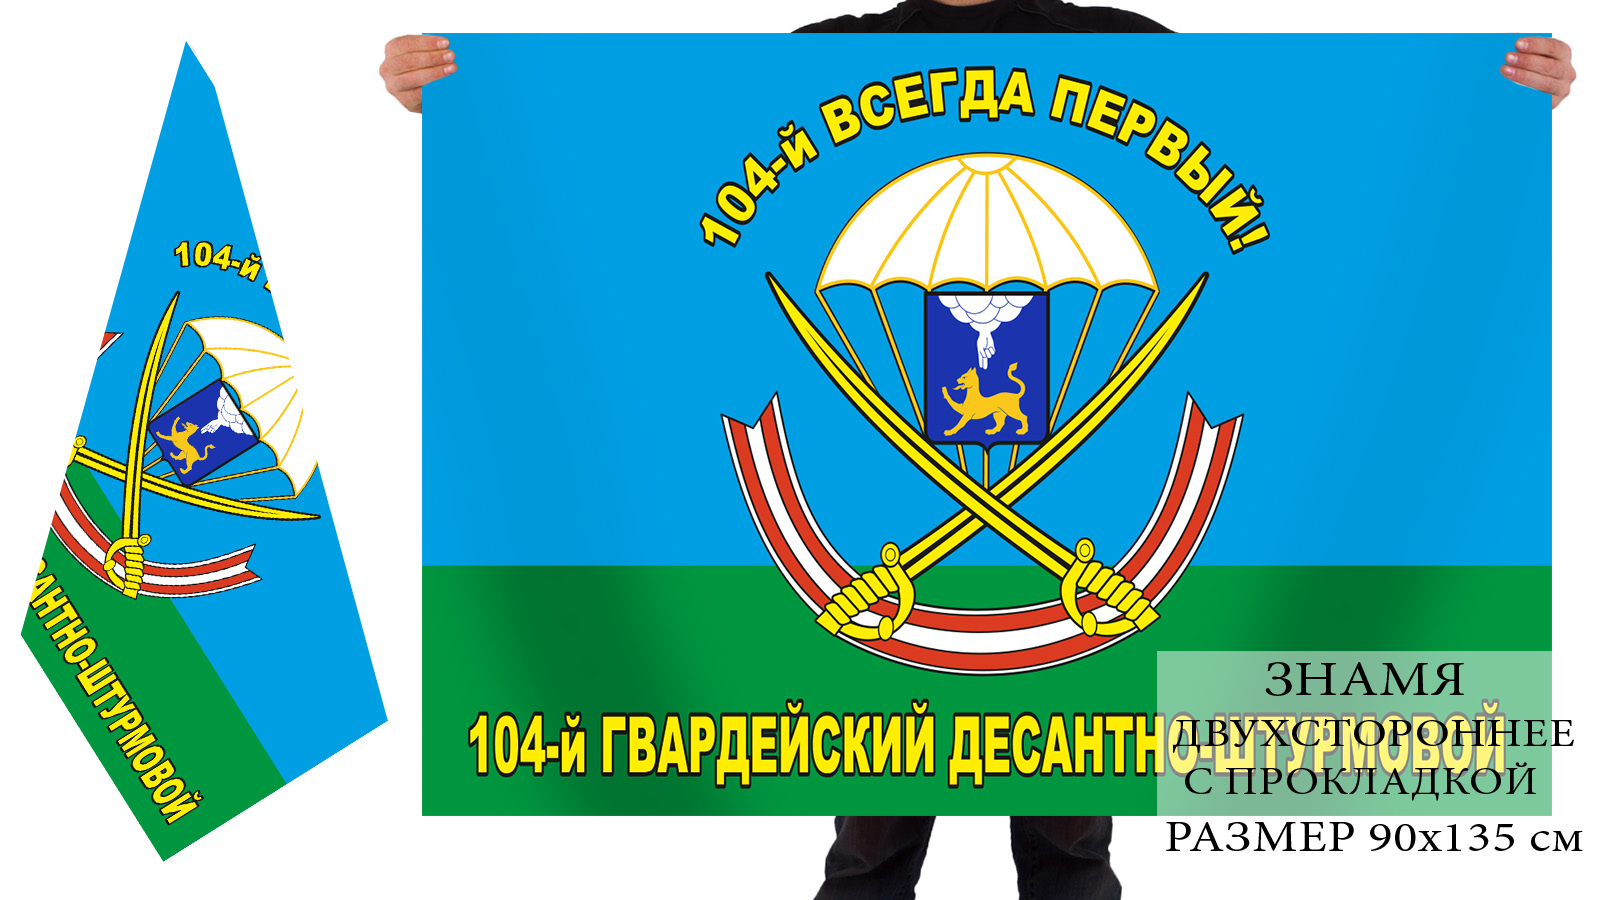 Купить с доставкой флаг 104-го гв. десантно-штурмового полка ВДВ